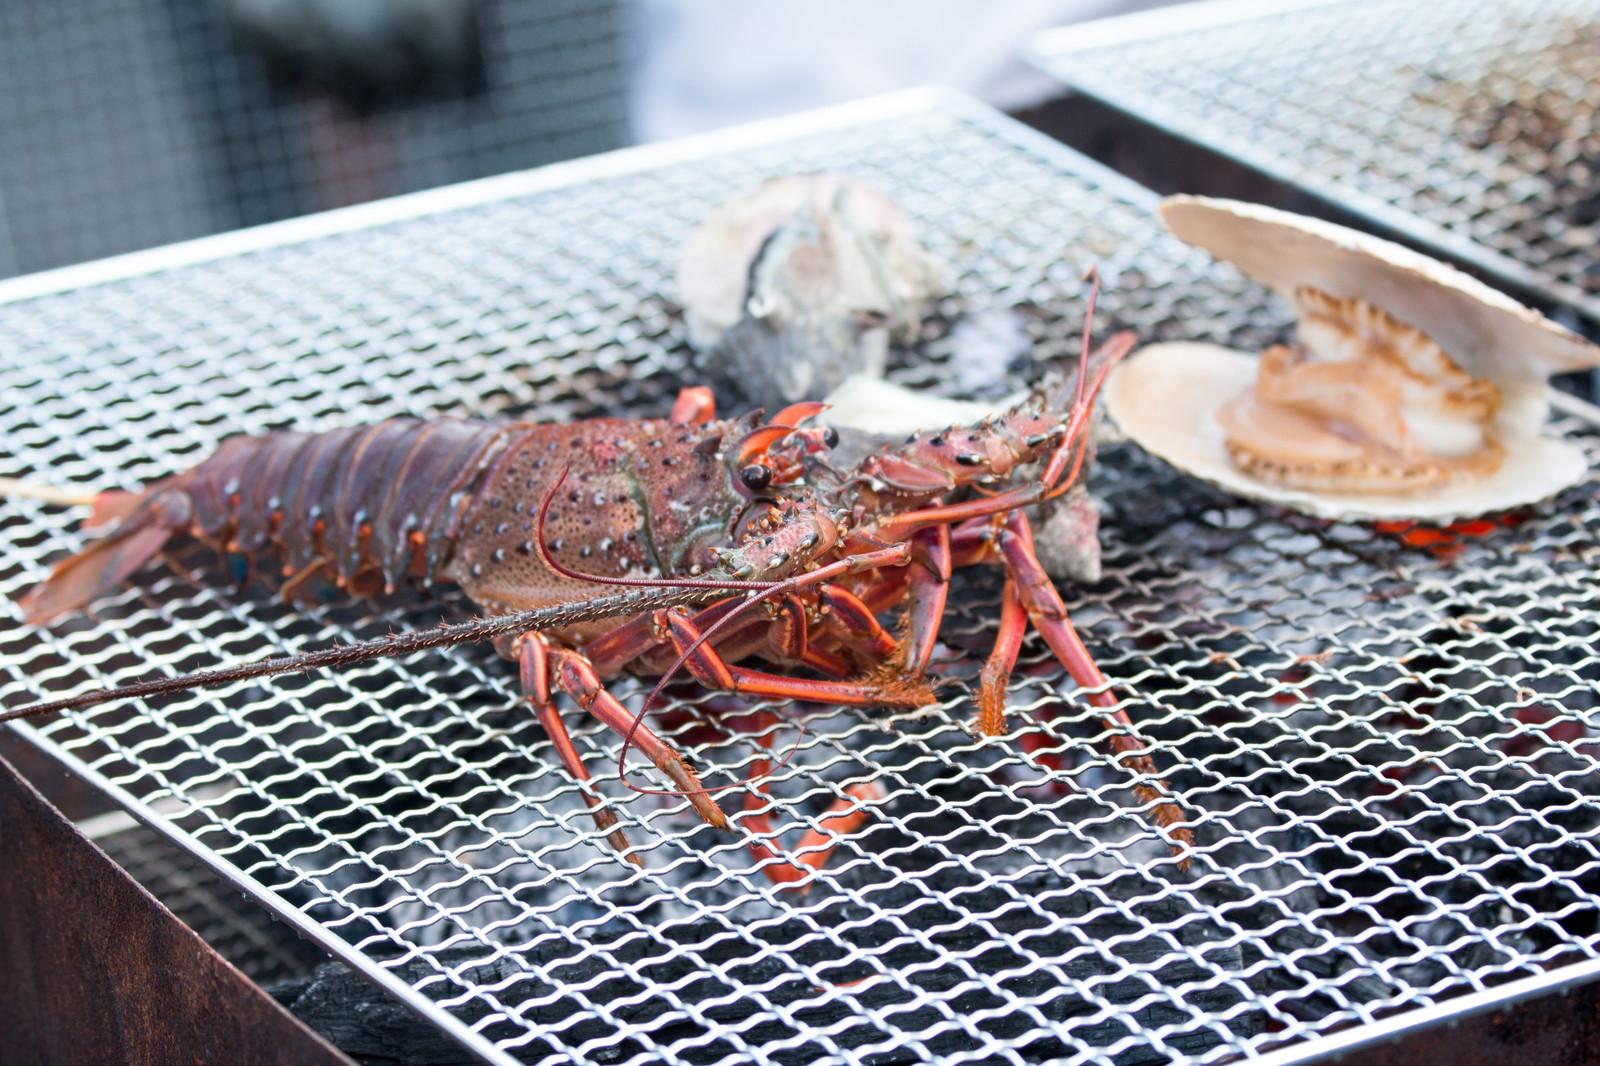 木更津で海鮮丼ならココ!朝食やランチにもおすすめの人気店など!